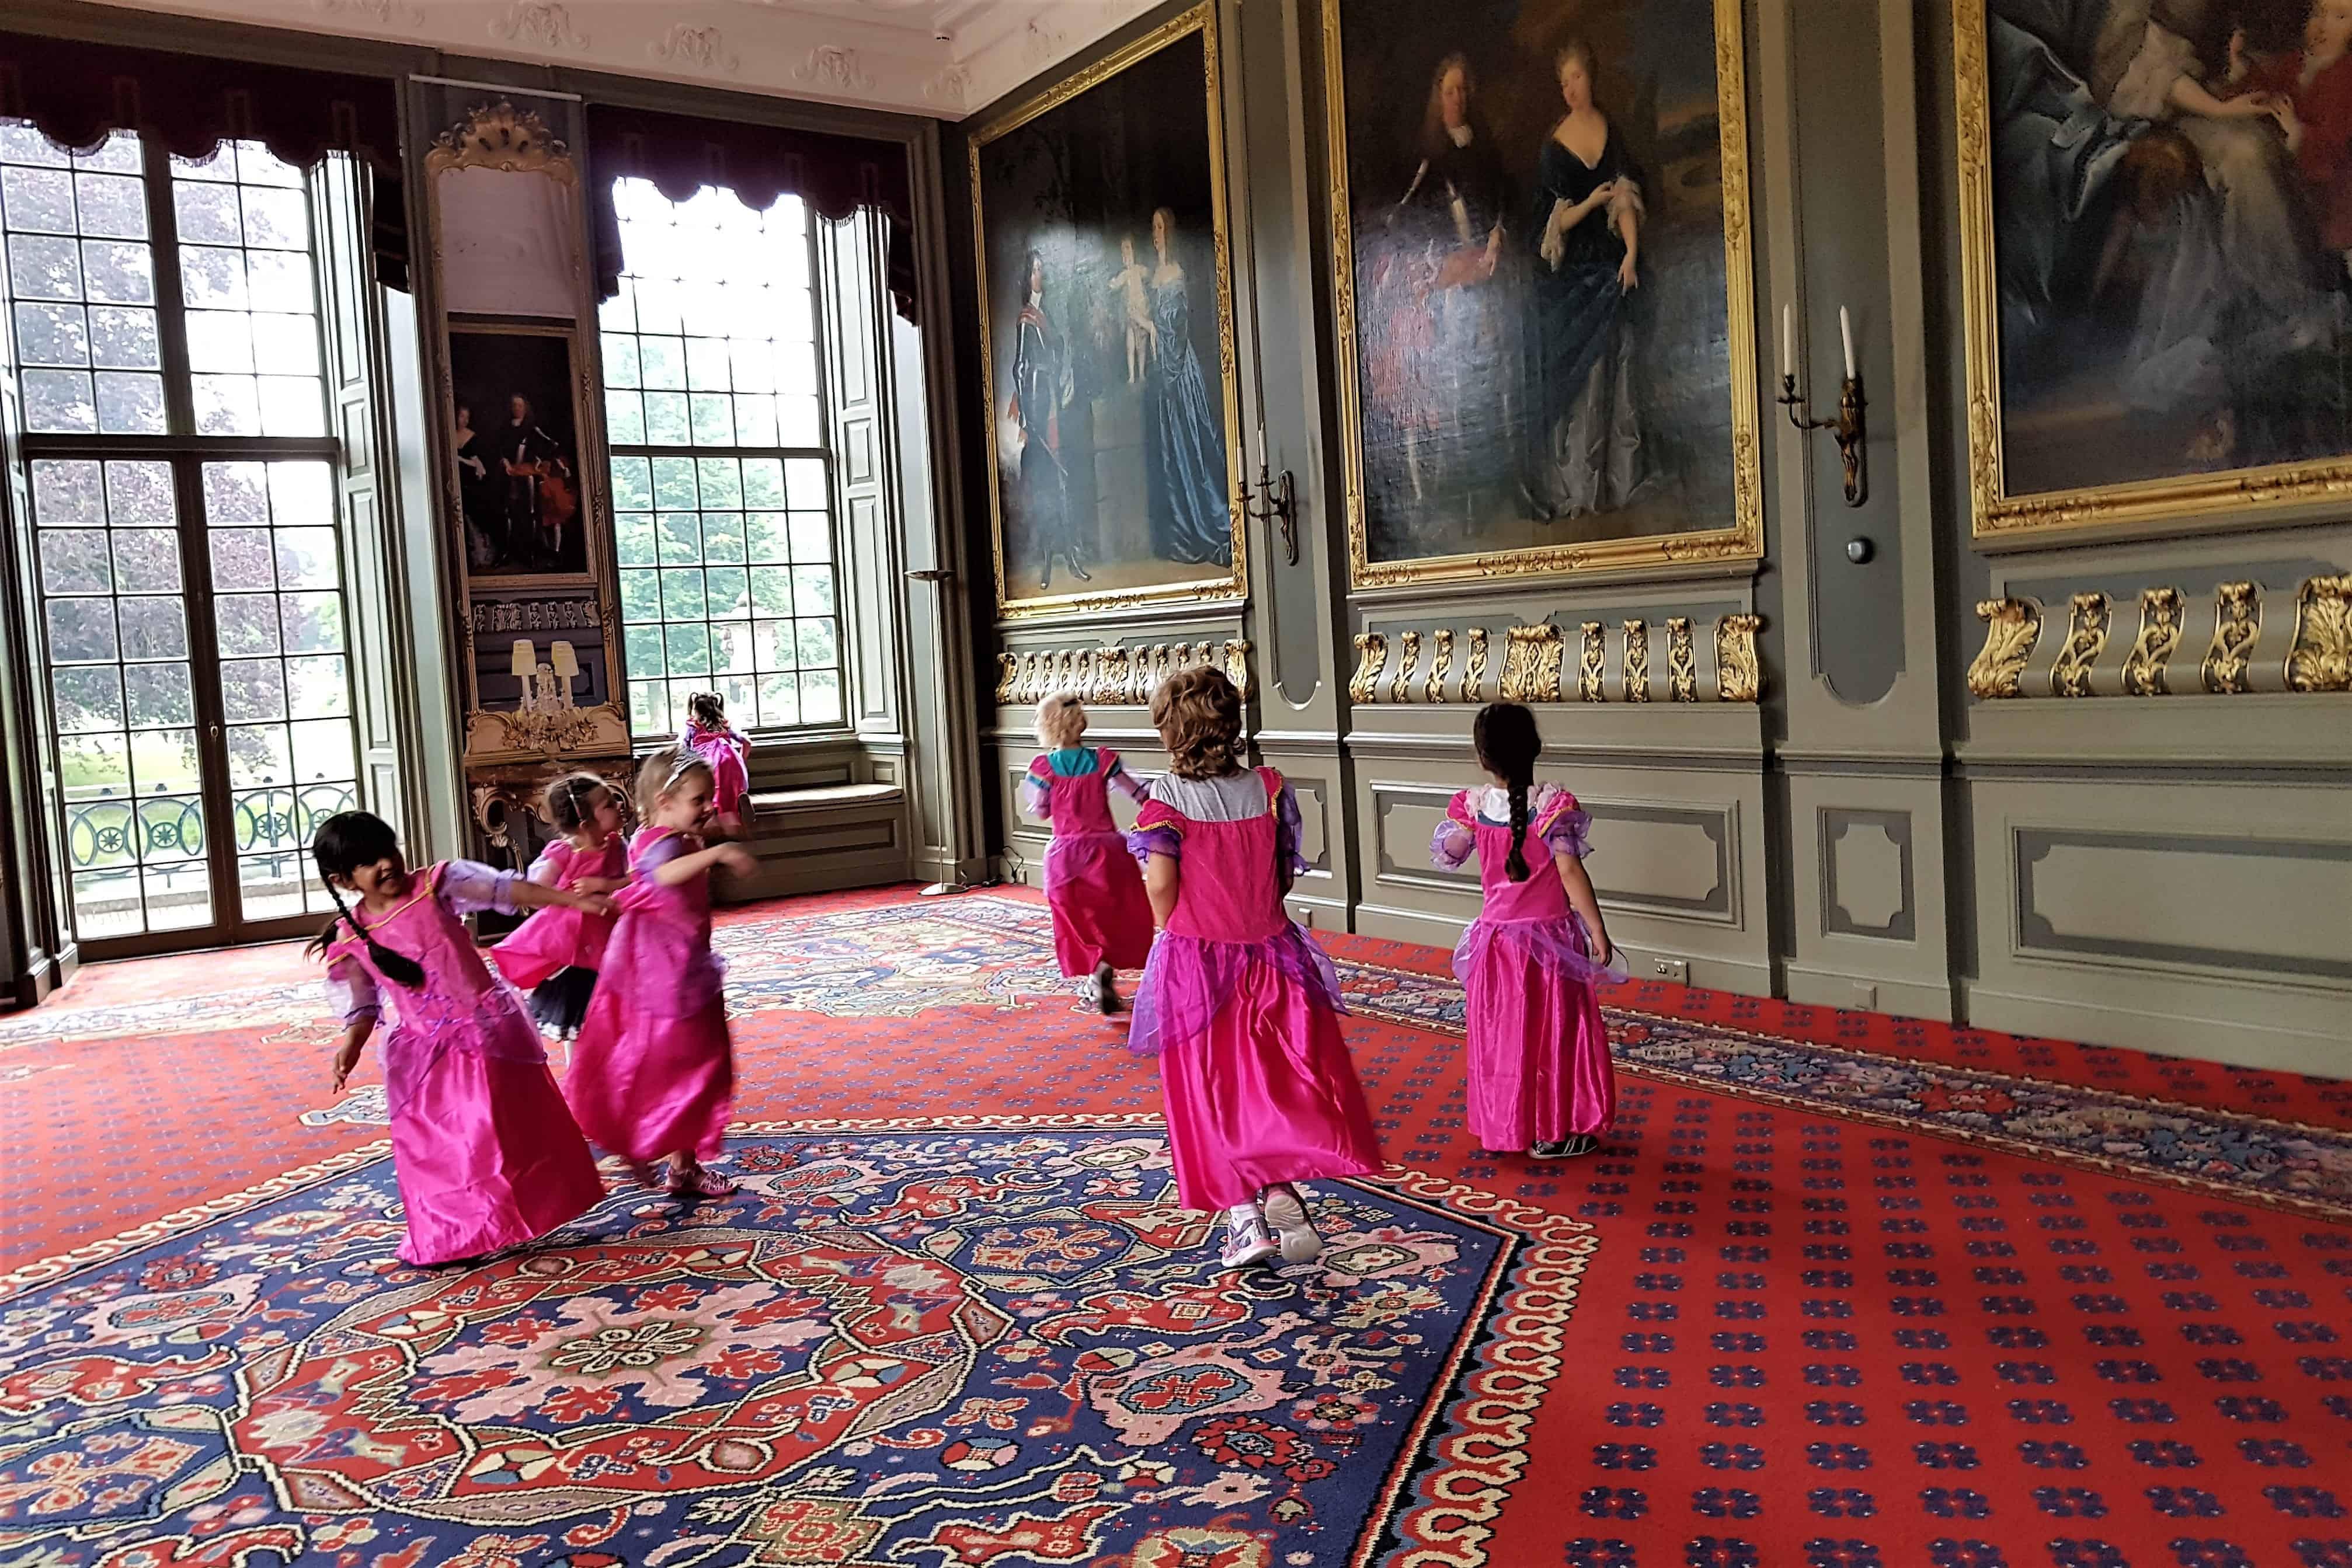 Magnifiek Prinsessen activiteiten & spelletjes & knutselen oa voor thema @LP58